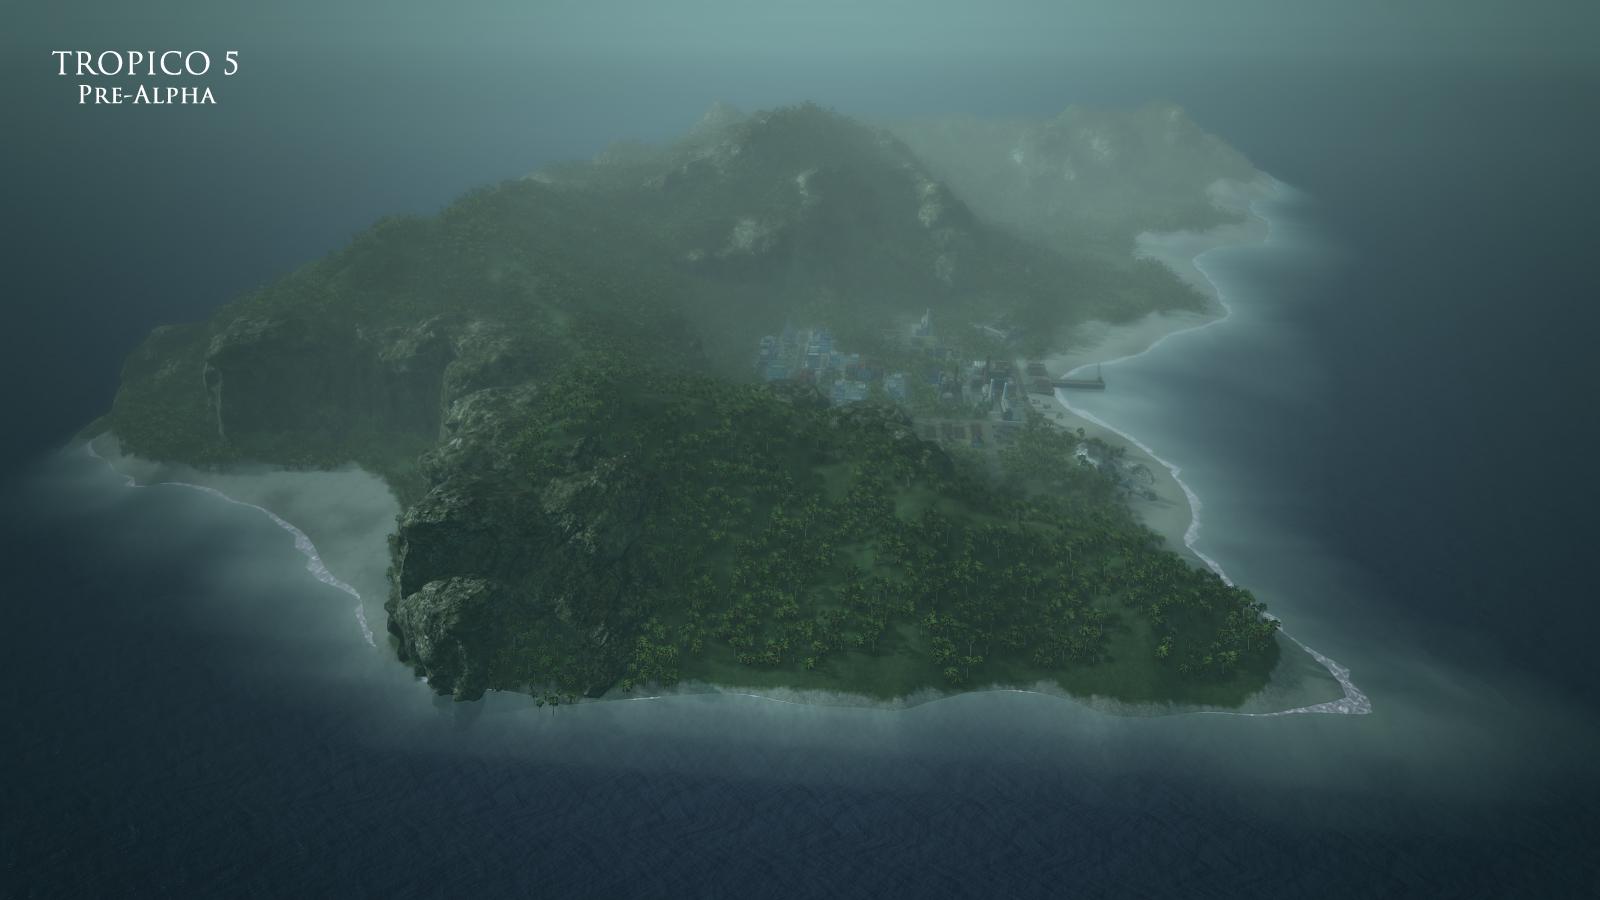 První obrázky z pátého Tropica 86862